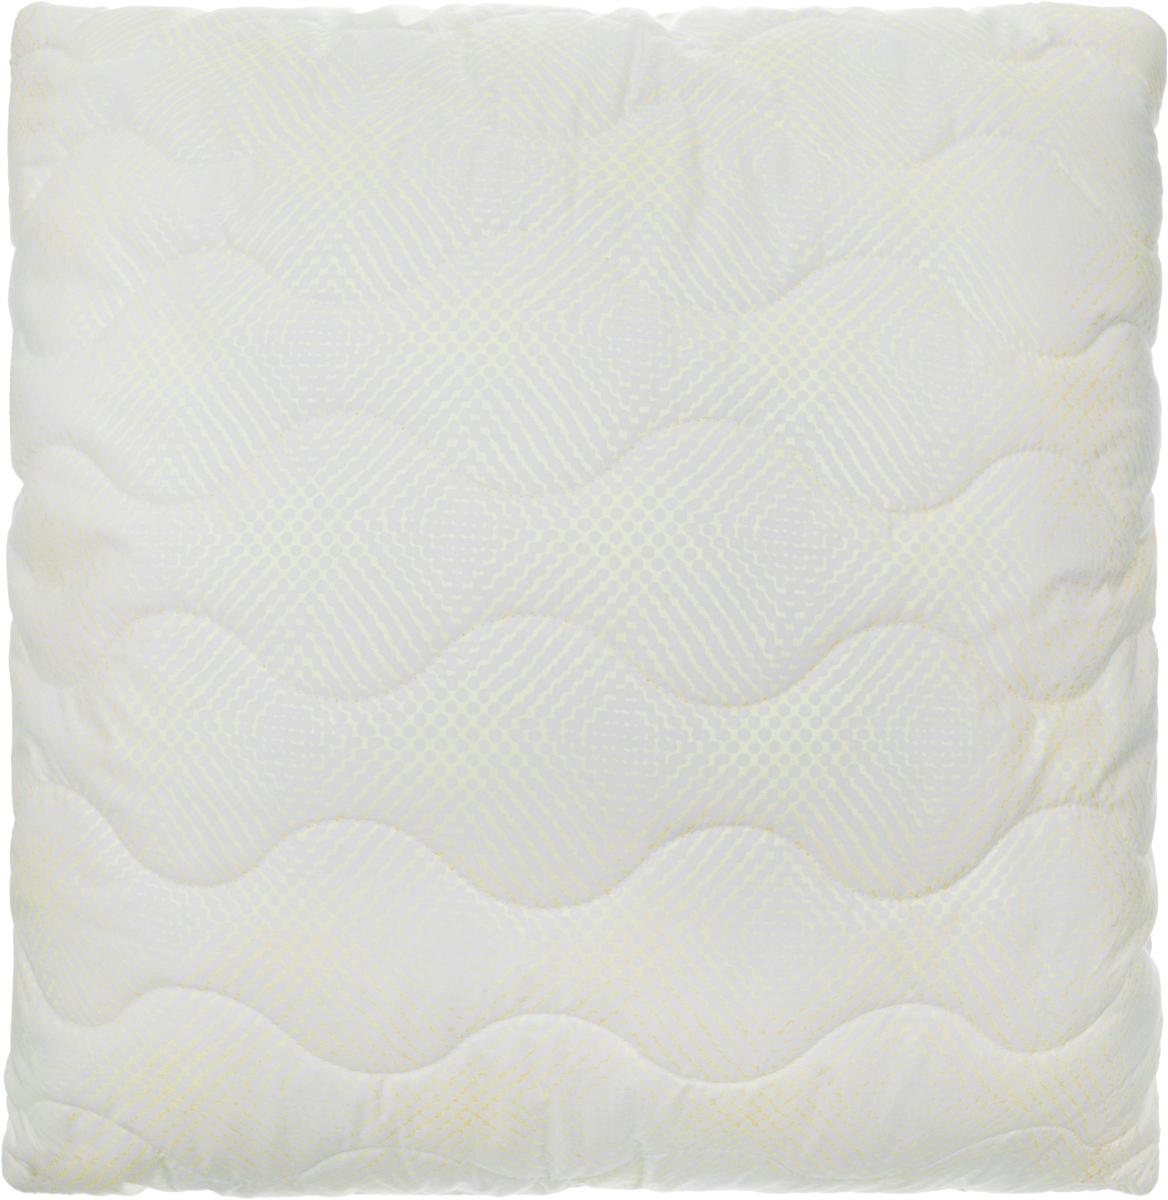 Подушка Ecotex Бамбук - Комфорт, наполнитель: полиэстер, 68 х 68 см подушки ecotex подушка алоэ вера 68х68